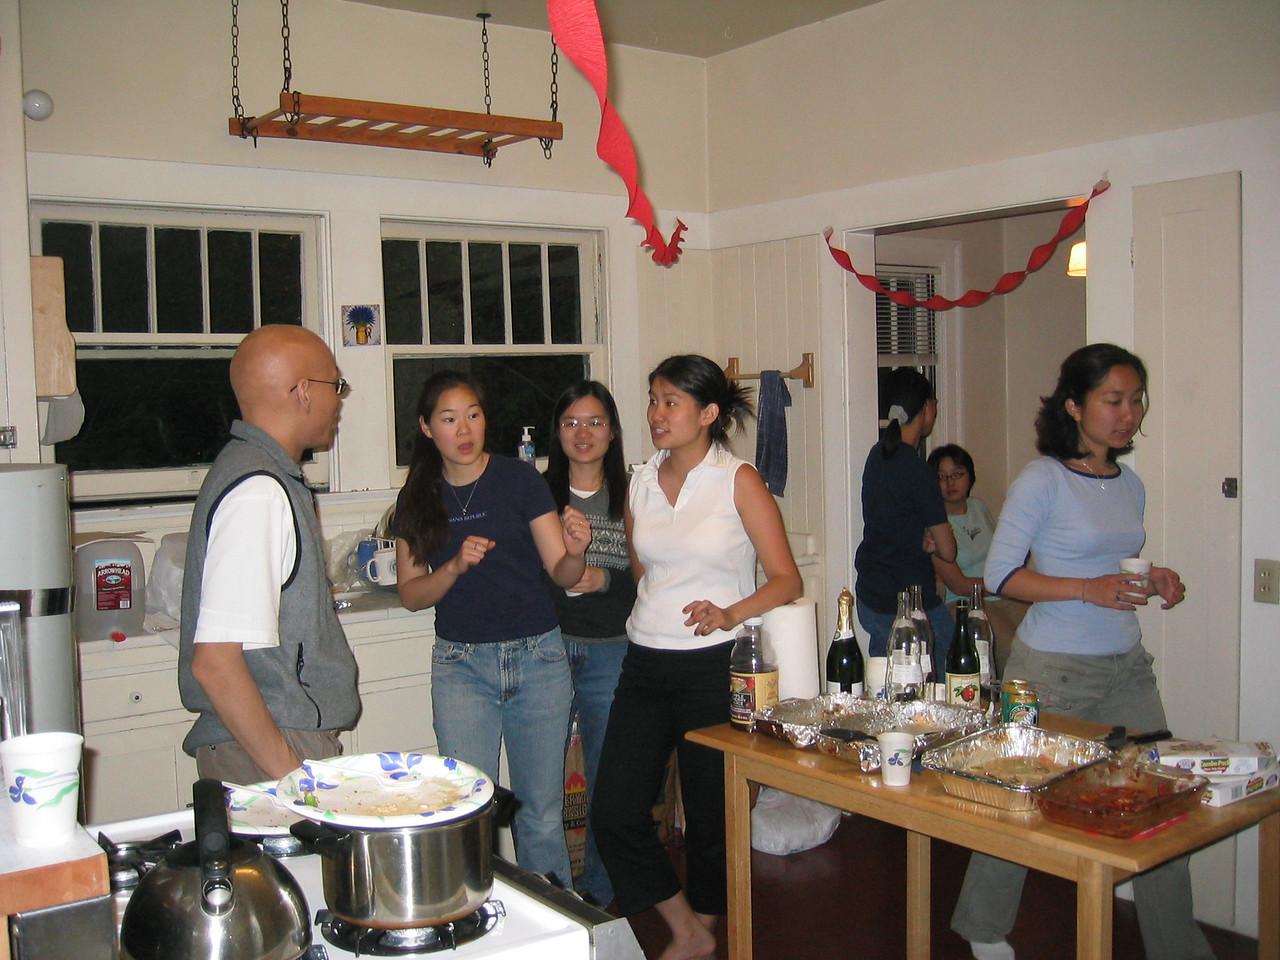 Kitchen candid shot 1